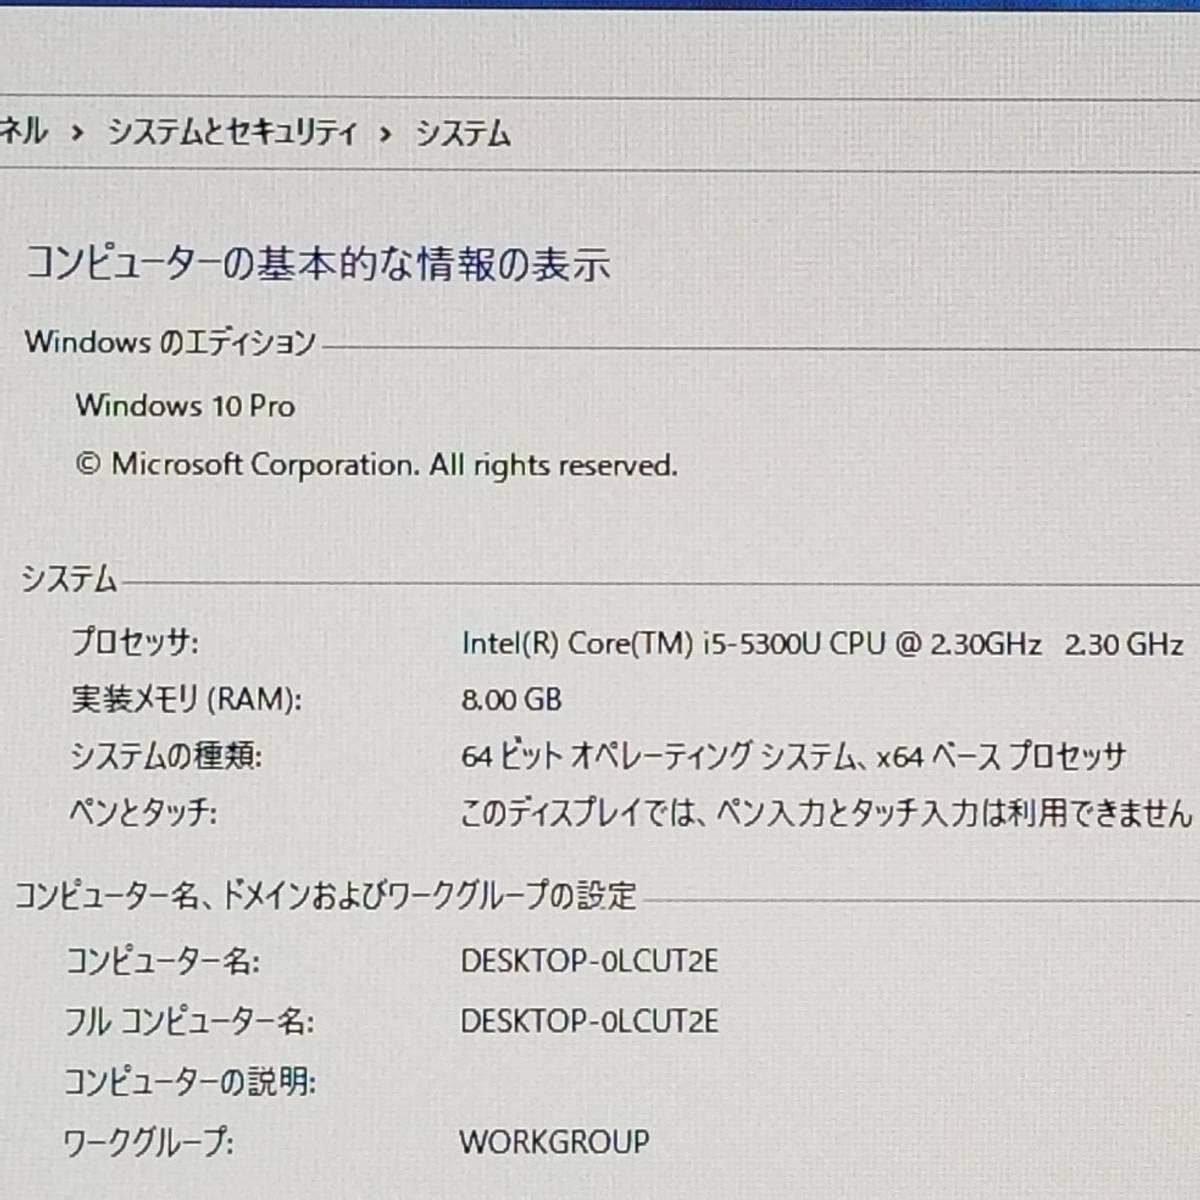 ★2015年モデル・美品★高性能第5世代i5(ターボ)搭載/HDD320GB/メモリ8GB/Wi-Fi/Webカメラ/最新Office搭載/Win10/Let'snote CF-NX4(C7112)_★高性能第5世代i5(ターボブースト搭載)★